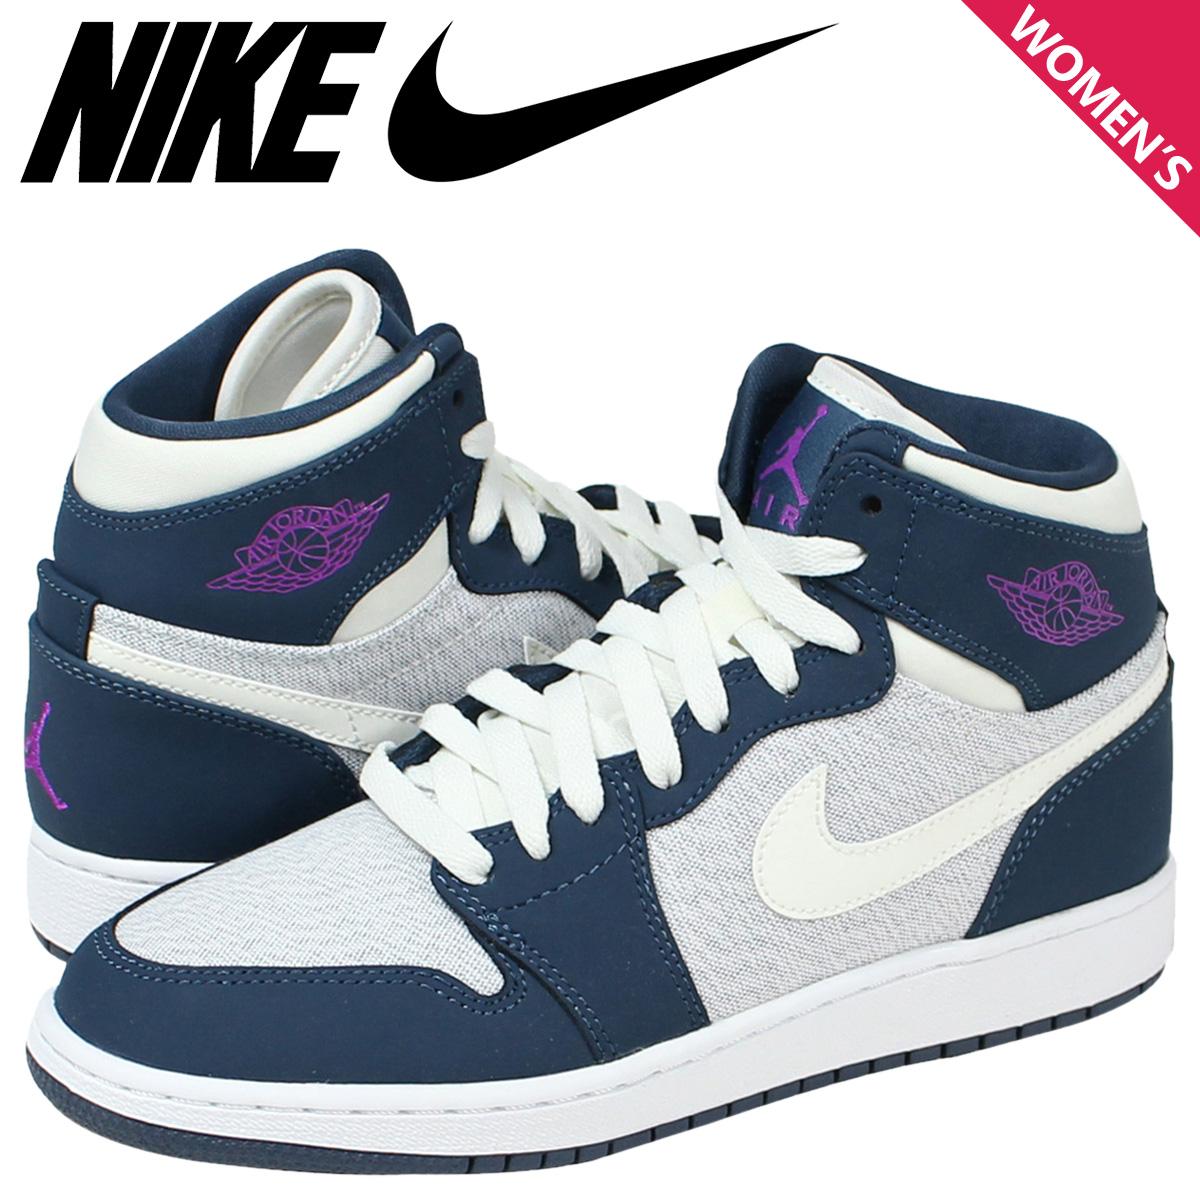 d74b60a08bf1 Sugar Online Shop   SOLD OUT  Nike NIKE Air Jordan sneakers Womens AIR  JORDAN 1 RETRO HI GS Air Jordan 1 retro Hi 332148-117 shoes Navy